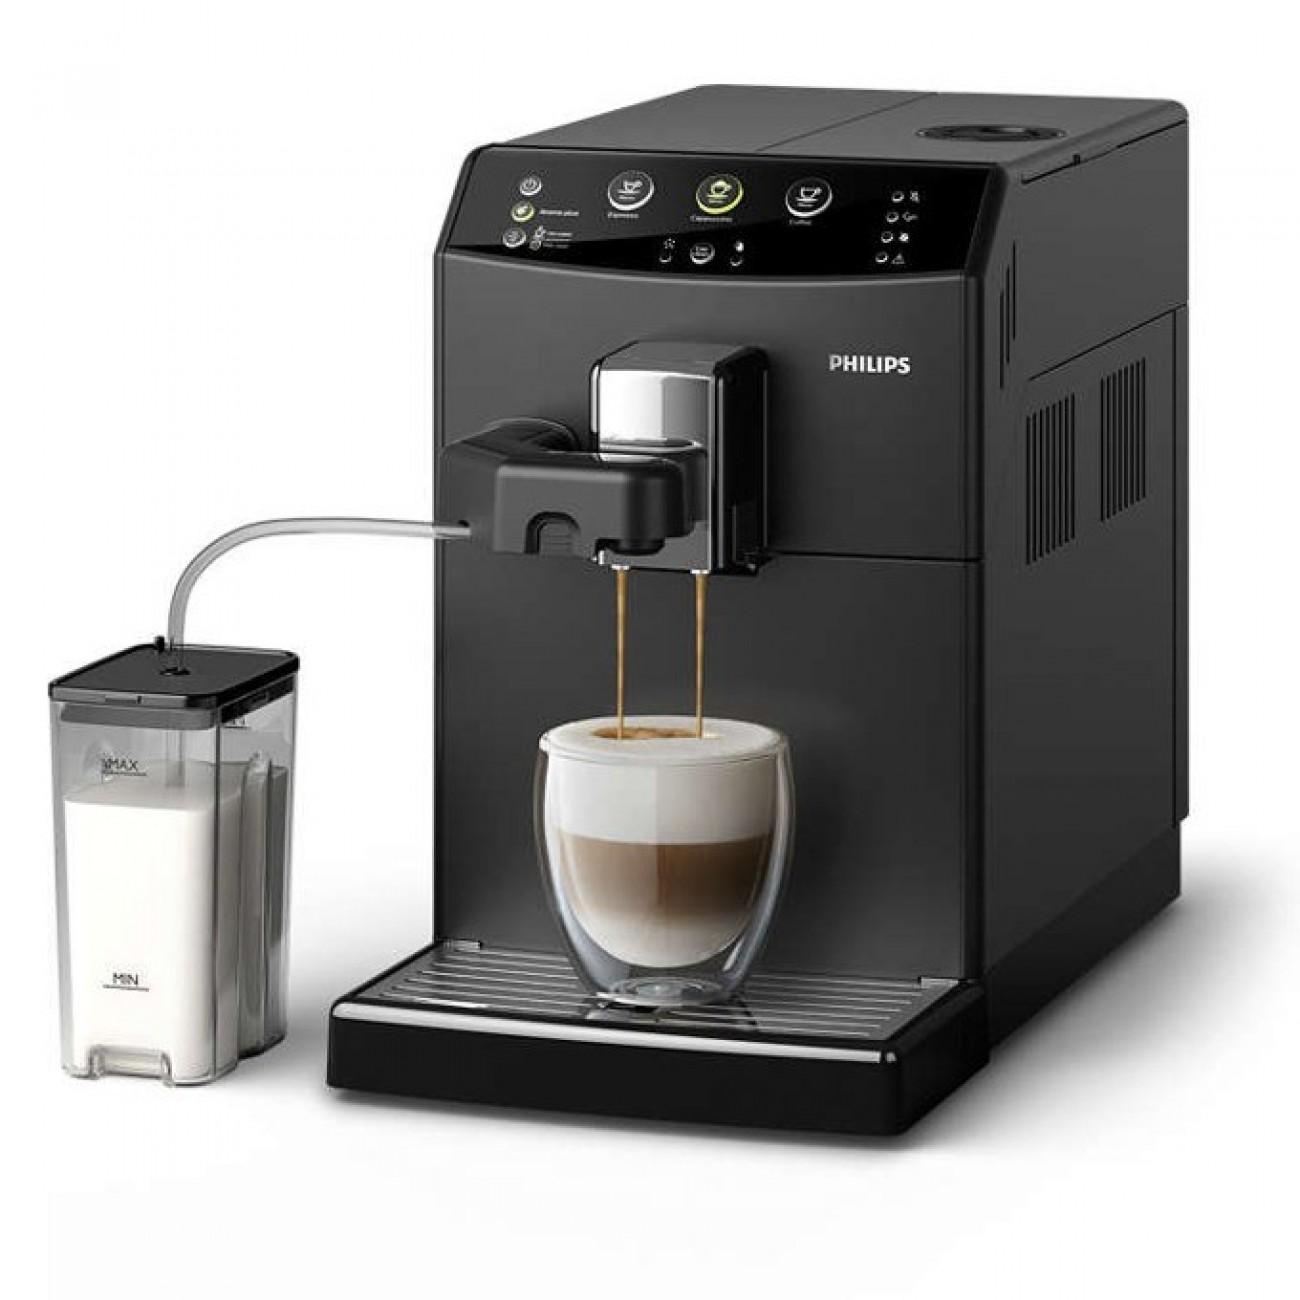 Автоматична еспресо машина Philips HD 8829 / 09, 1850 W, 15 bar налягане, Easy Cappuccino System, черна в Кафемашини -  | Alleop